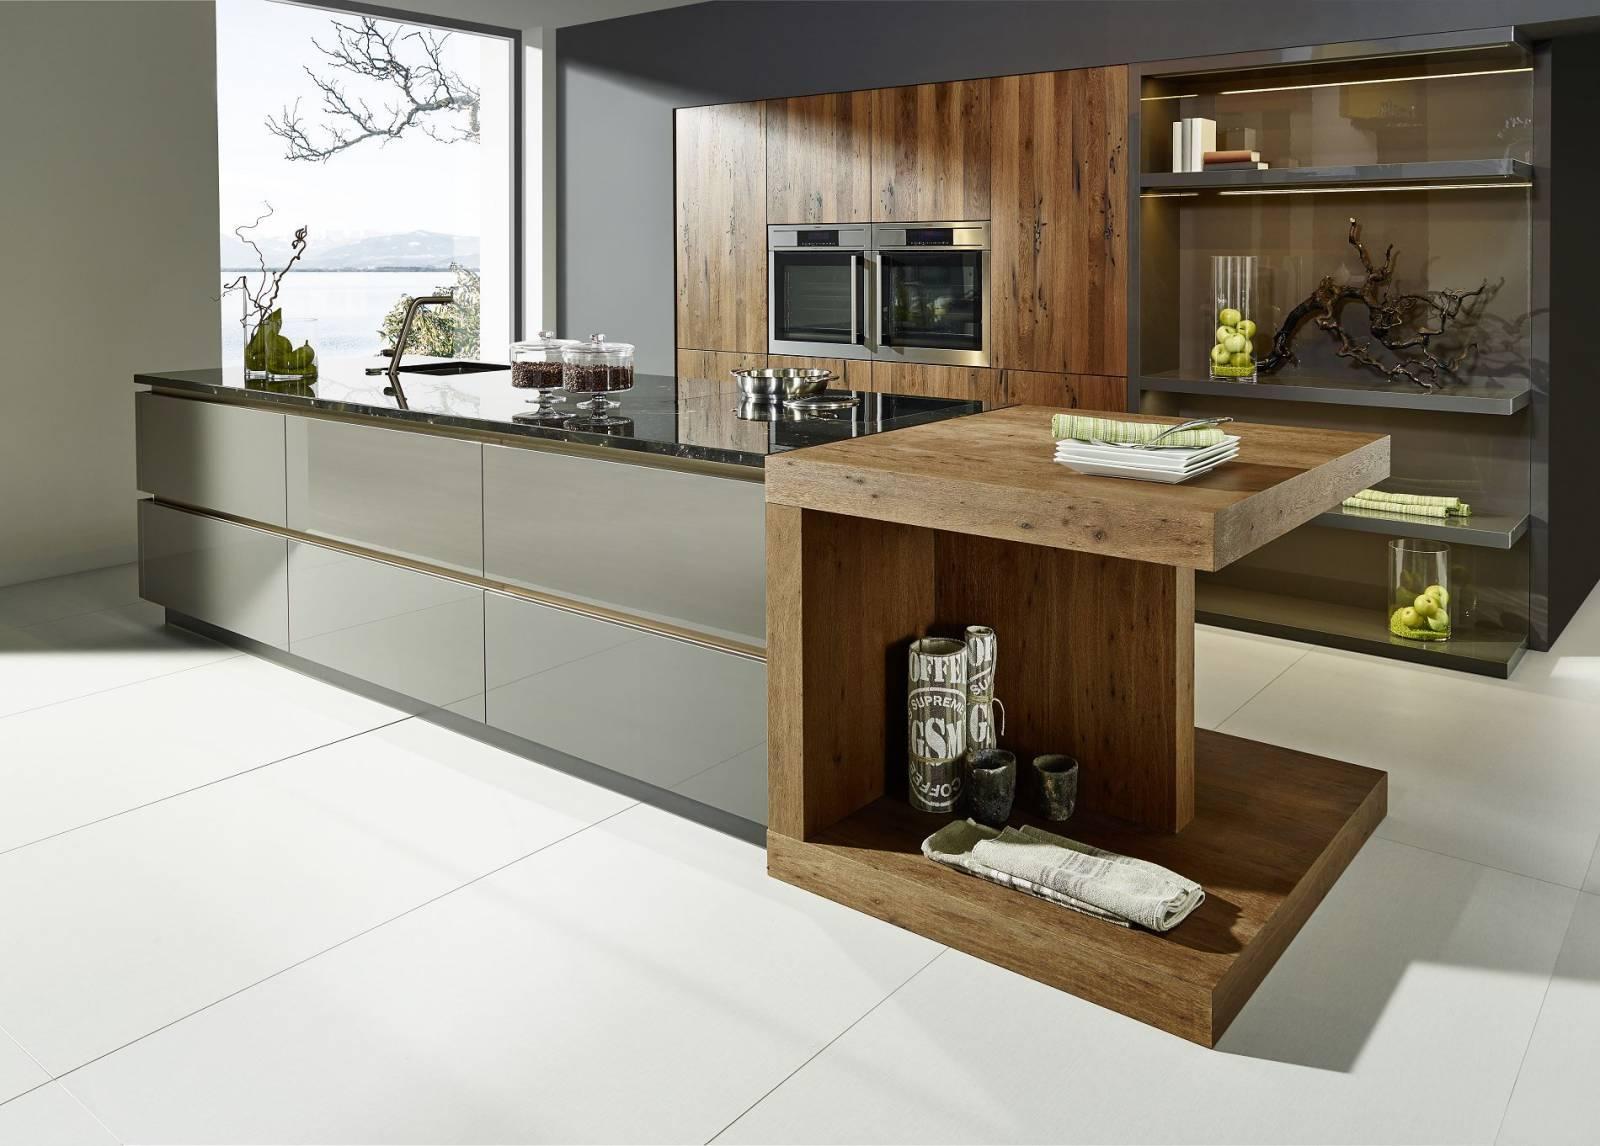 fabricant de cuisines allemandes sur mesure libourne cuisiligne. Black Bedroom Furniture Sets. Home Design Ideas